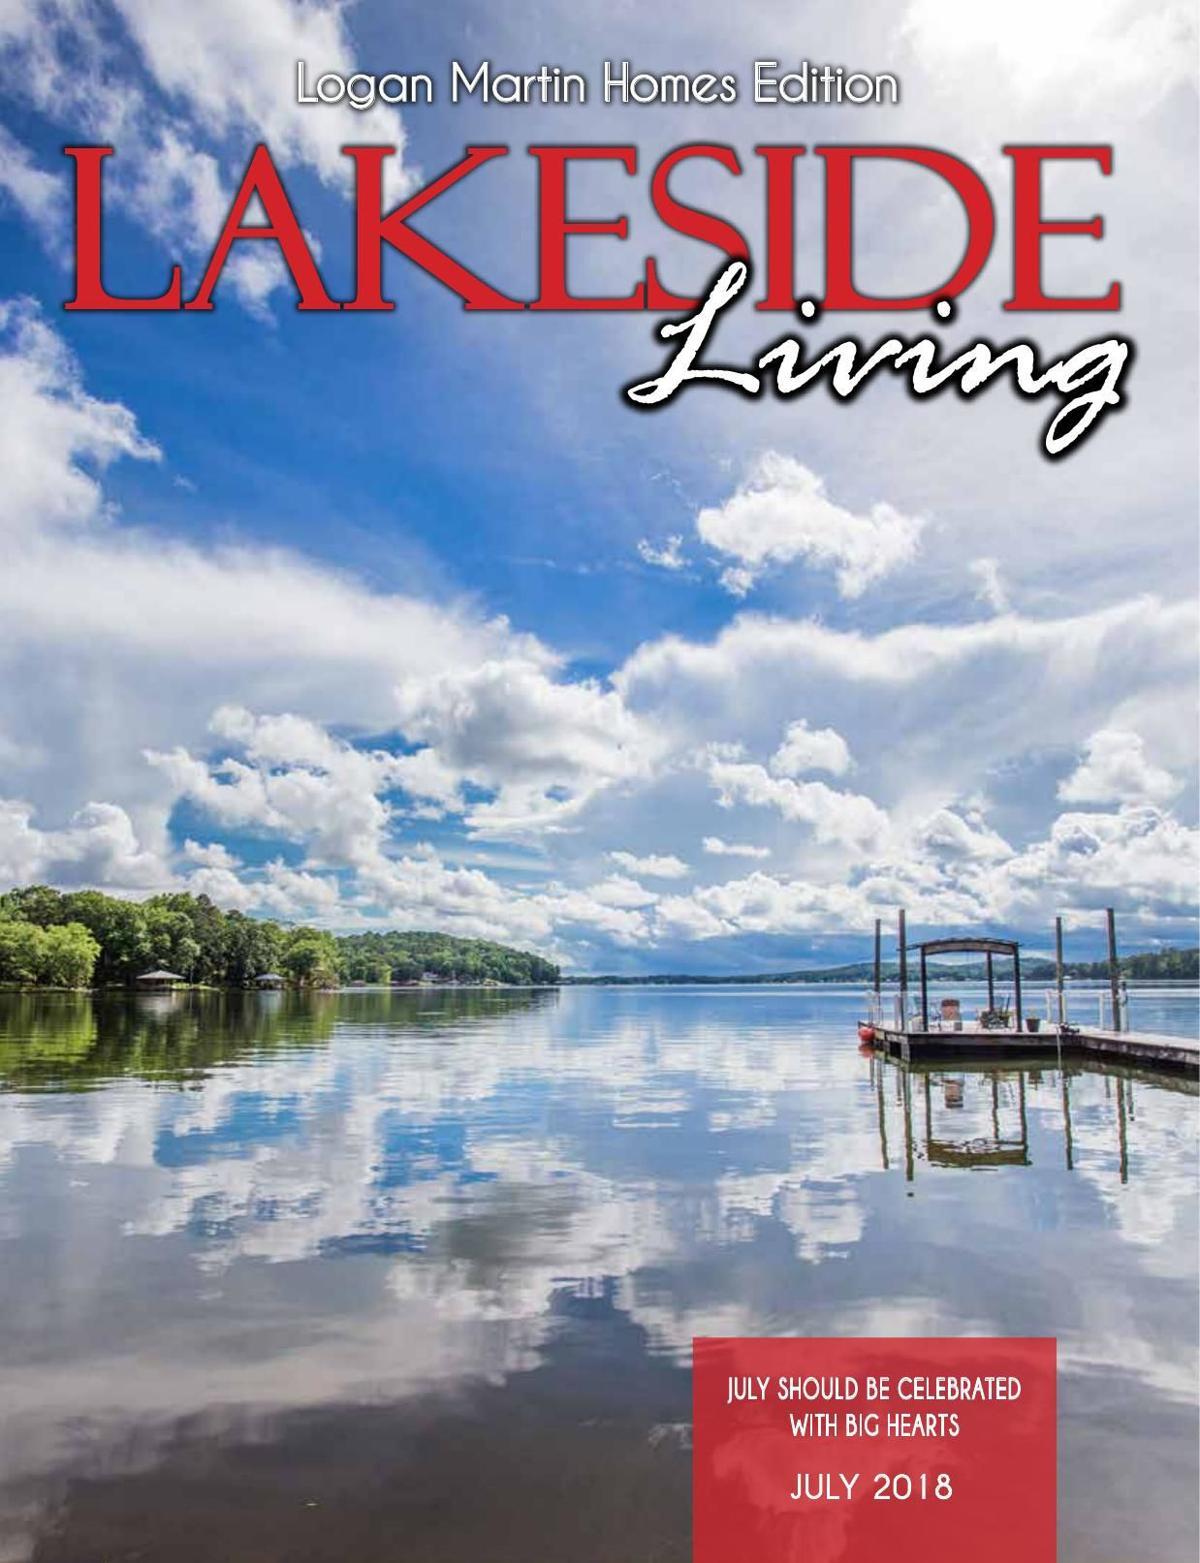 Lakeside Living July 2018